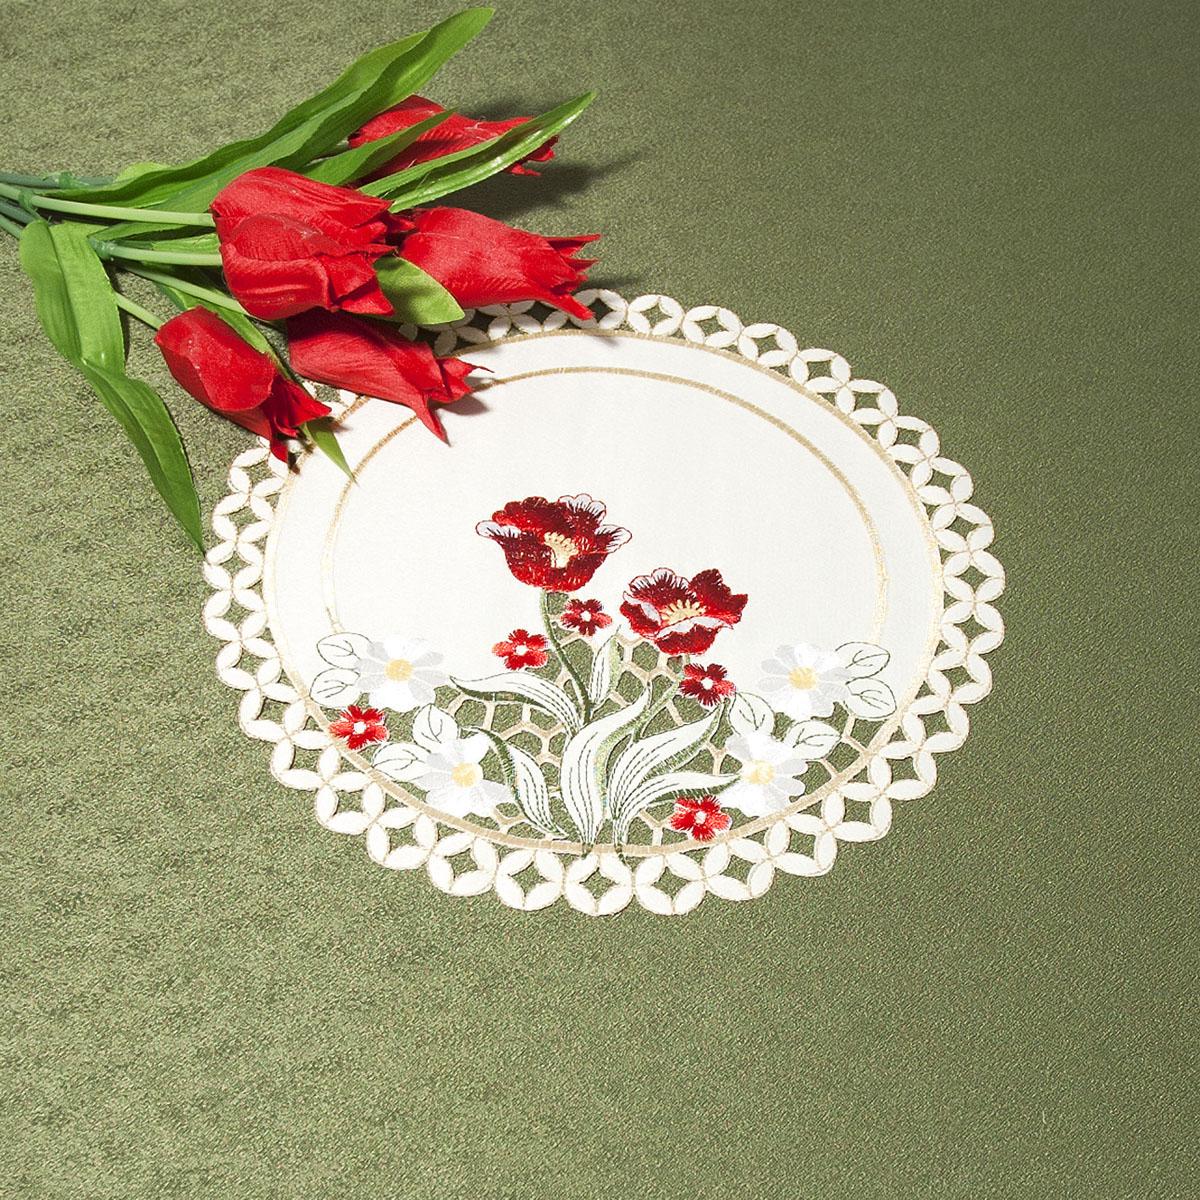 Салфетка Schaefer, круглая, цвет: бежевый, диаметр 30 см07380-315Салфетка Schaefer изготовлена из высококачественного 100% полиэстера. Края салфетки оформлены перфорацией. Изделие декорировано изысканной вышивкой из цветов, что придает роскошный внешний вид. Изделие легко стирать и гладить, не требует специального ухода. Изысканный текстиль от немецкой компании Schaefer - это красота, стиль и уют в вашем доме. Благодаря декоративным салфеткам ваш стол заиграет новыми красками, ведь именно небольшие и милые акценты задают тон и настроение за столом. Дарите себе и близким красоту каждый день.